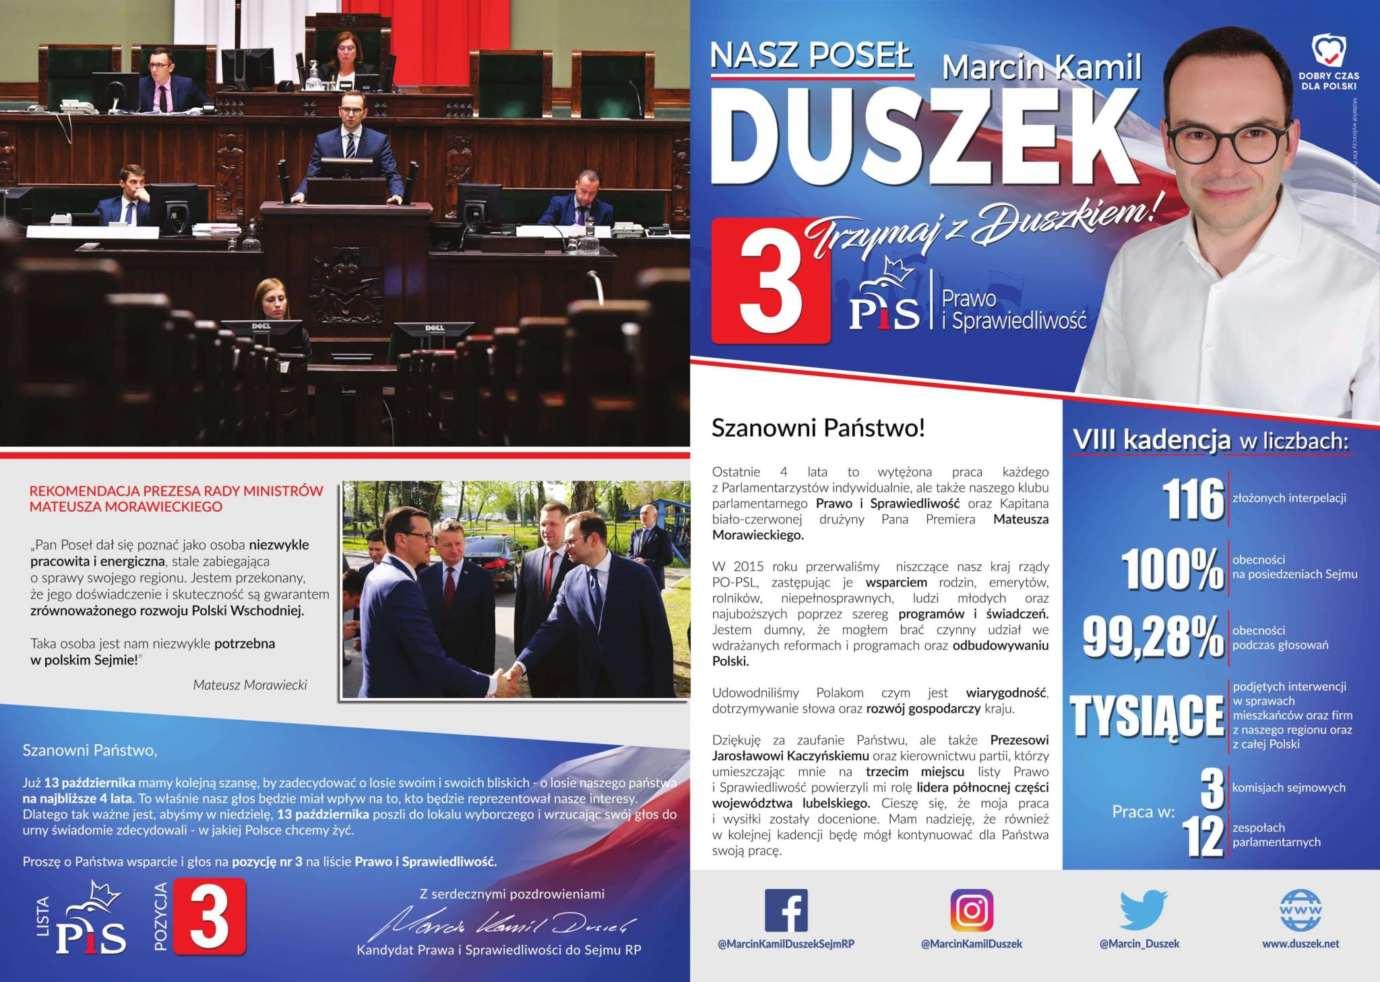 img 2561 Premier za Duszkiem!